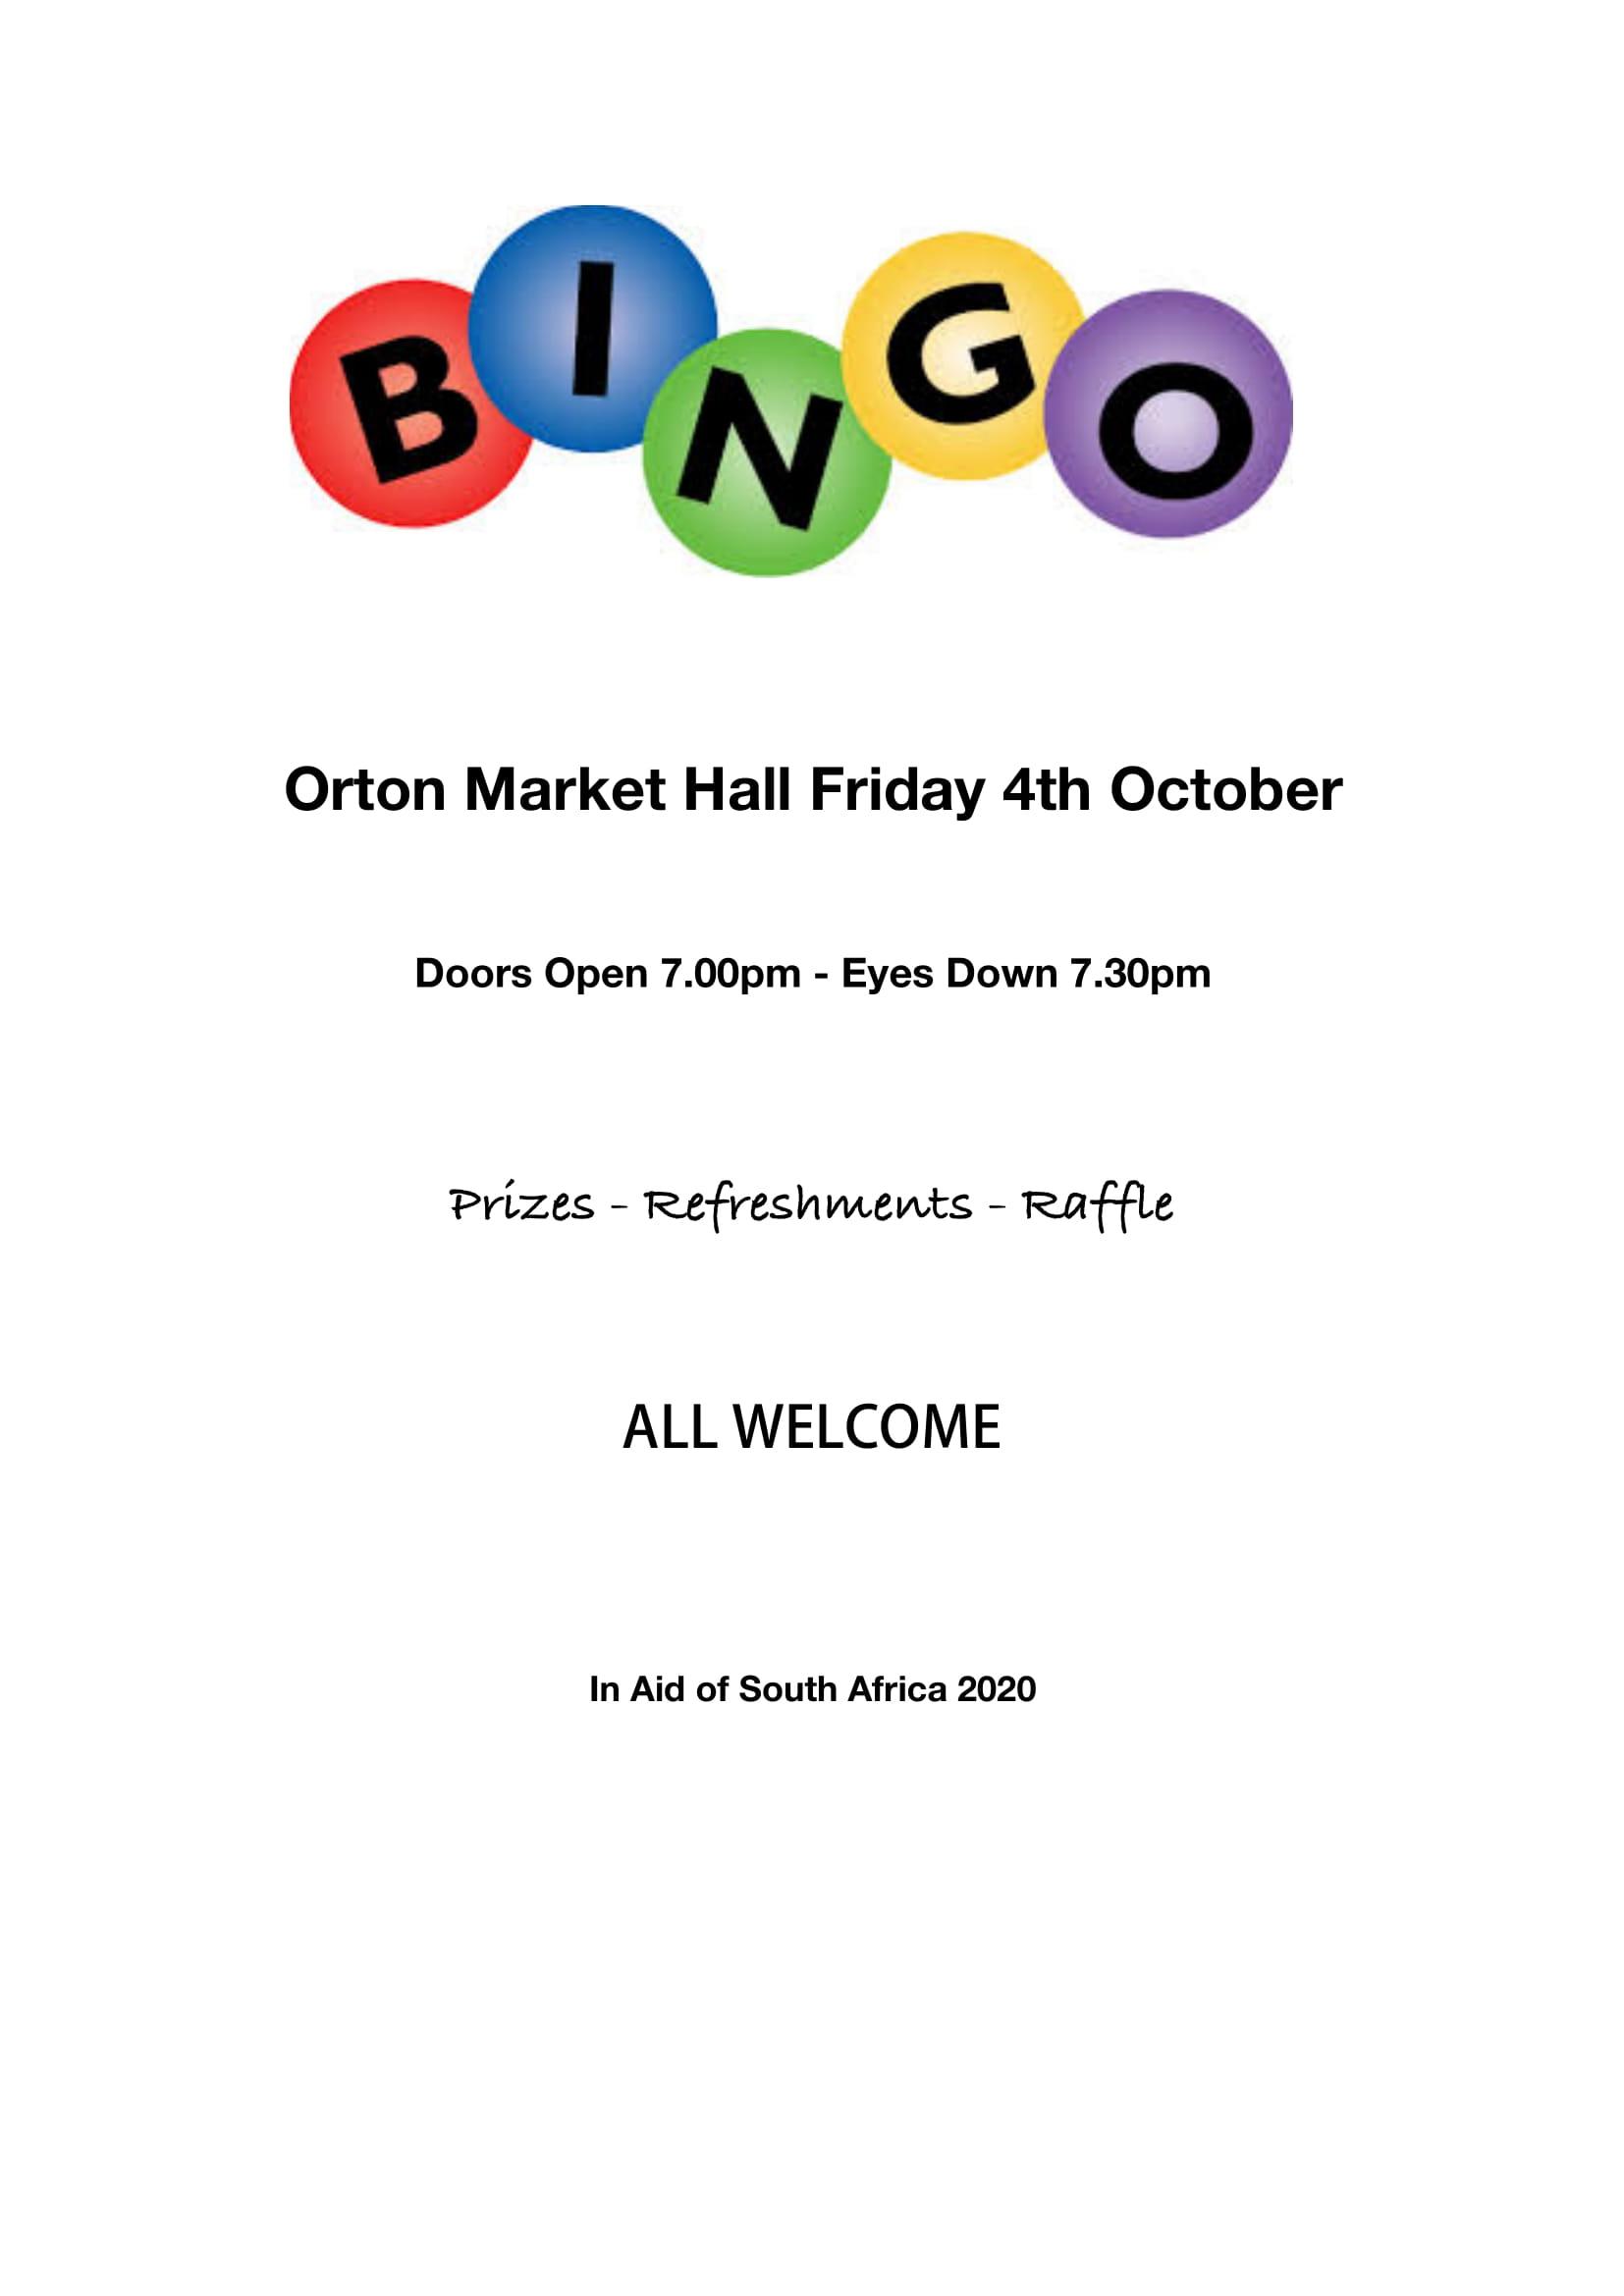 Bingo Night for SA